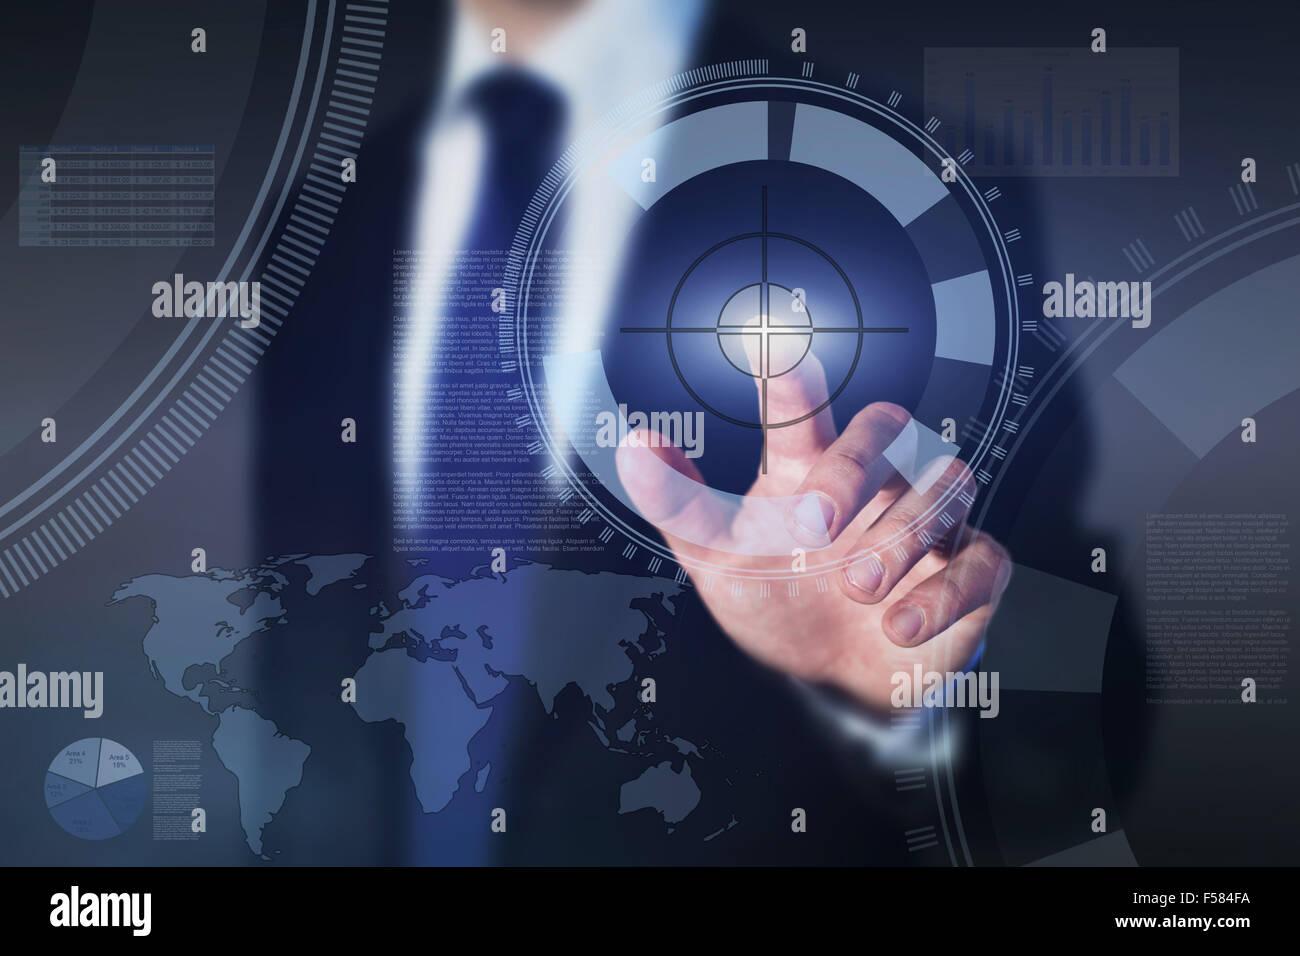 La gestion d'entreprise réussie, concept abstrait Photo Stock